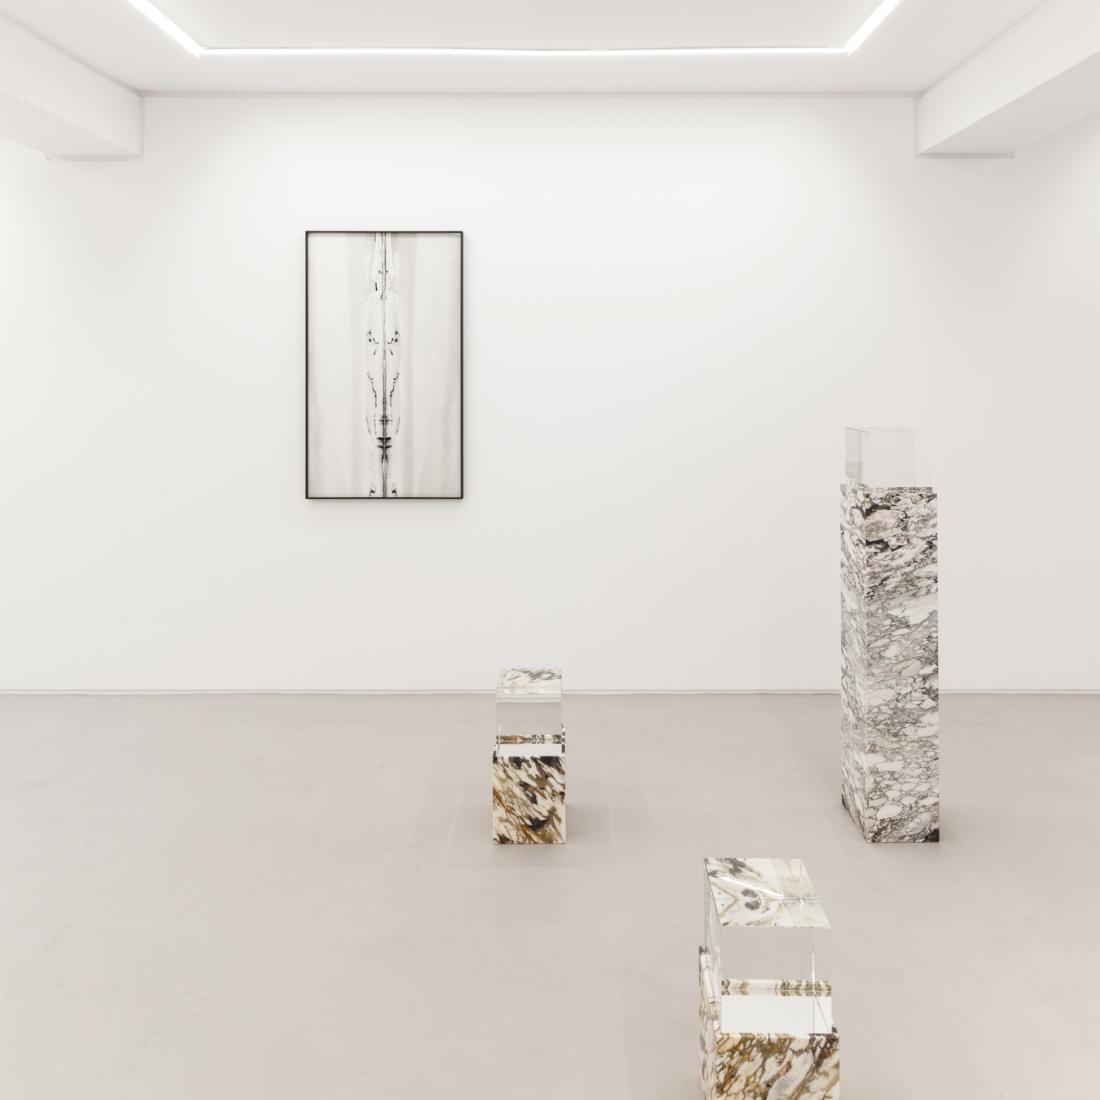 Foco Galeria Sarah Valente